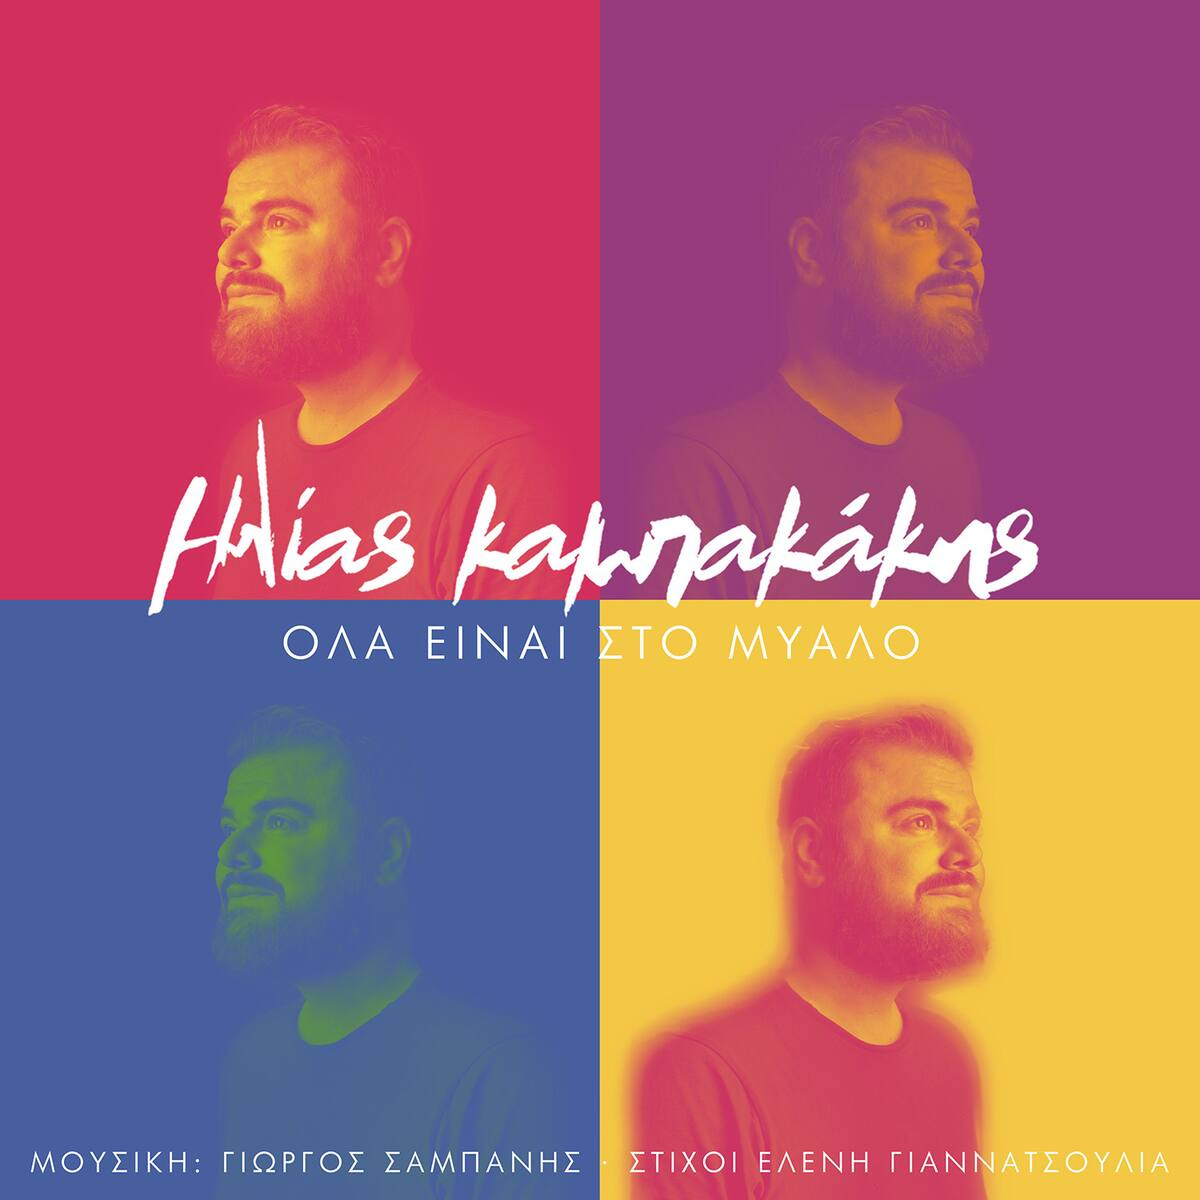 Ηλίας Καμπακάκης: Ακούστε το νέο του τραγούδι με την υπογραφή του Γιώργου Σαμπάνη | Gossip-tv.gr